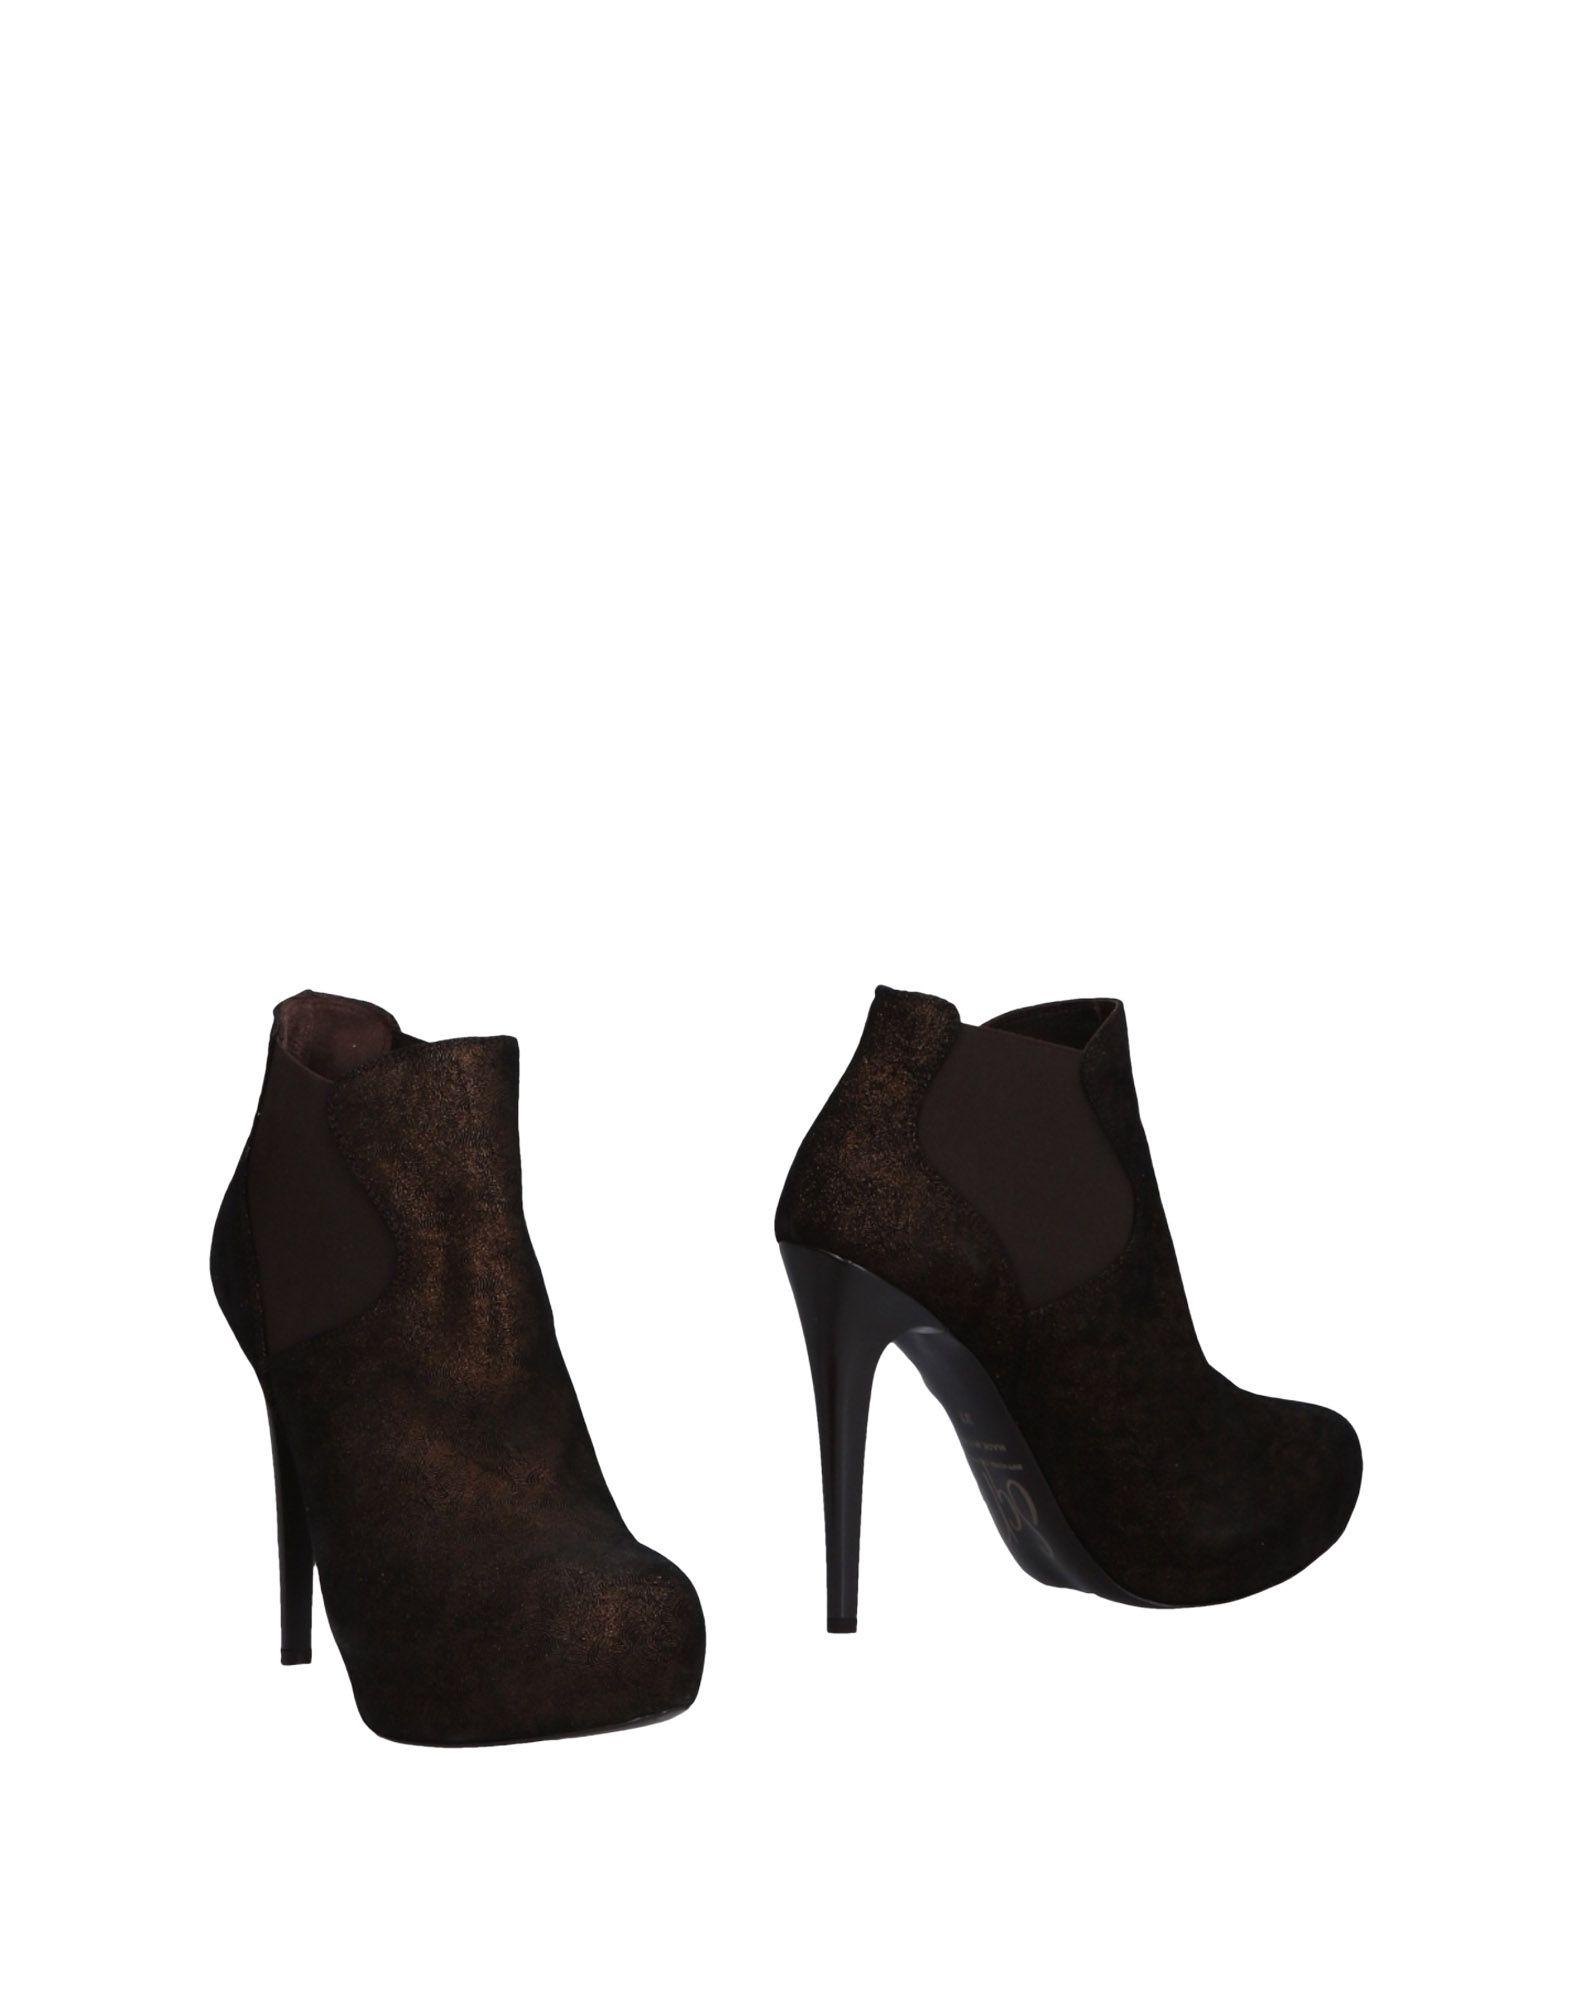 Bottine Sgn Giancarlo Paoli Femme - Bottines Sgn Giancarlo Paoli Anthracite Dernières chaussures discount pour hommes et femmes